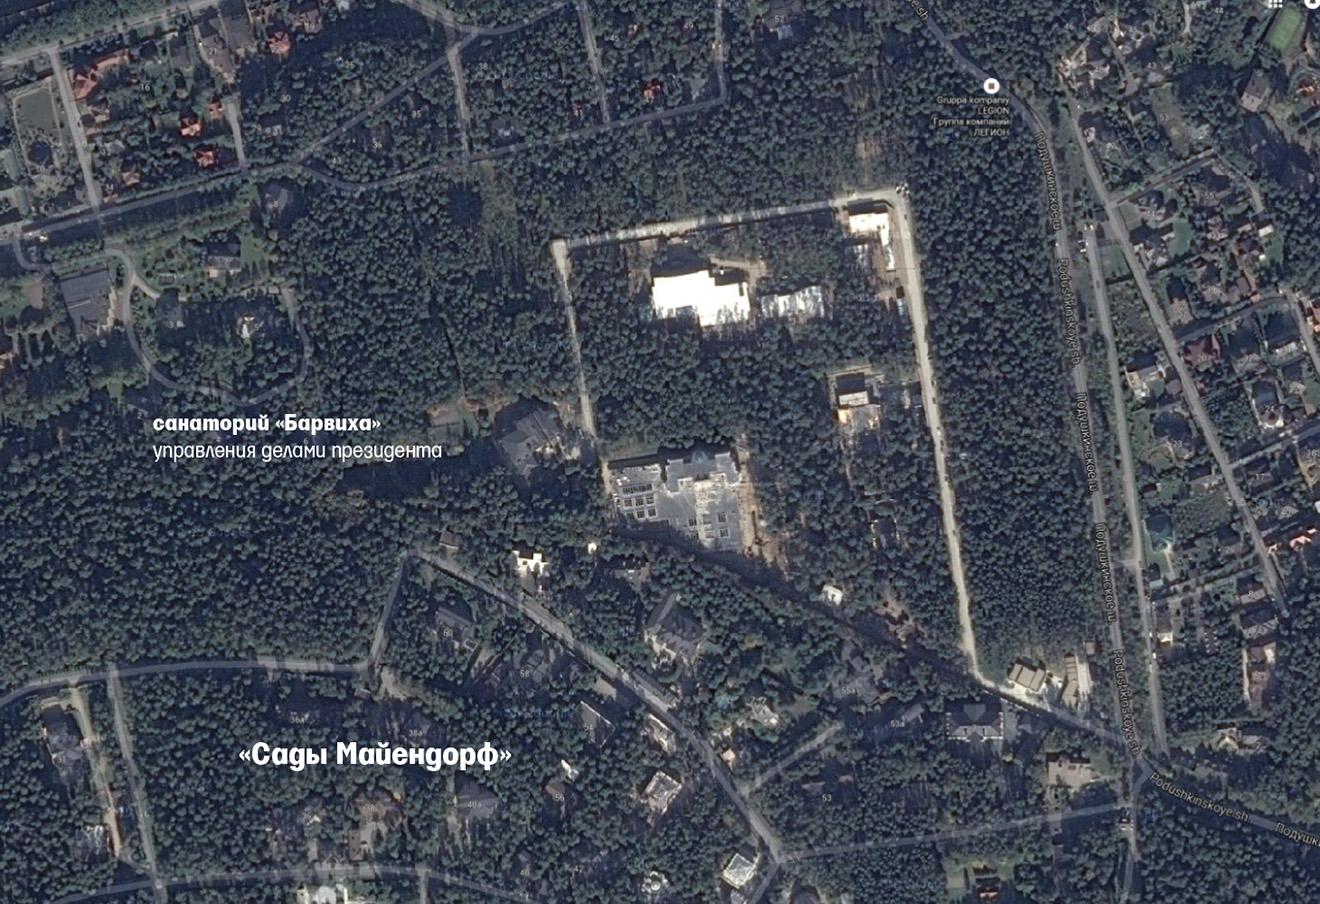 """Пять лет назад, по данным спутниковой карты Росреестра, здесь был сплошной лес. За это время жители нового поселка успели построить в лесу километровую П-образную дорогу, которая огибает все участки и заканчивается у дома соседки Сечина - супруги гендиректора """"Ростеха"""" Екатерины Игнатовой. Фото: Google Maps / Ведомости"""